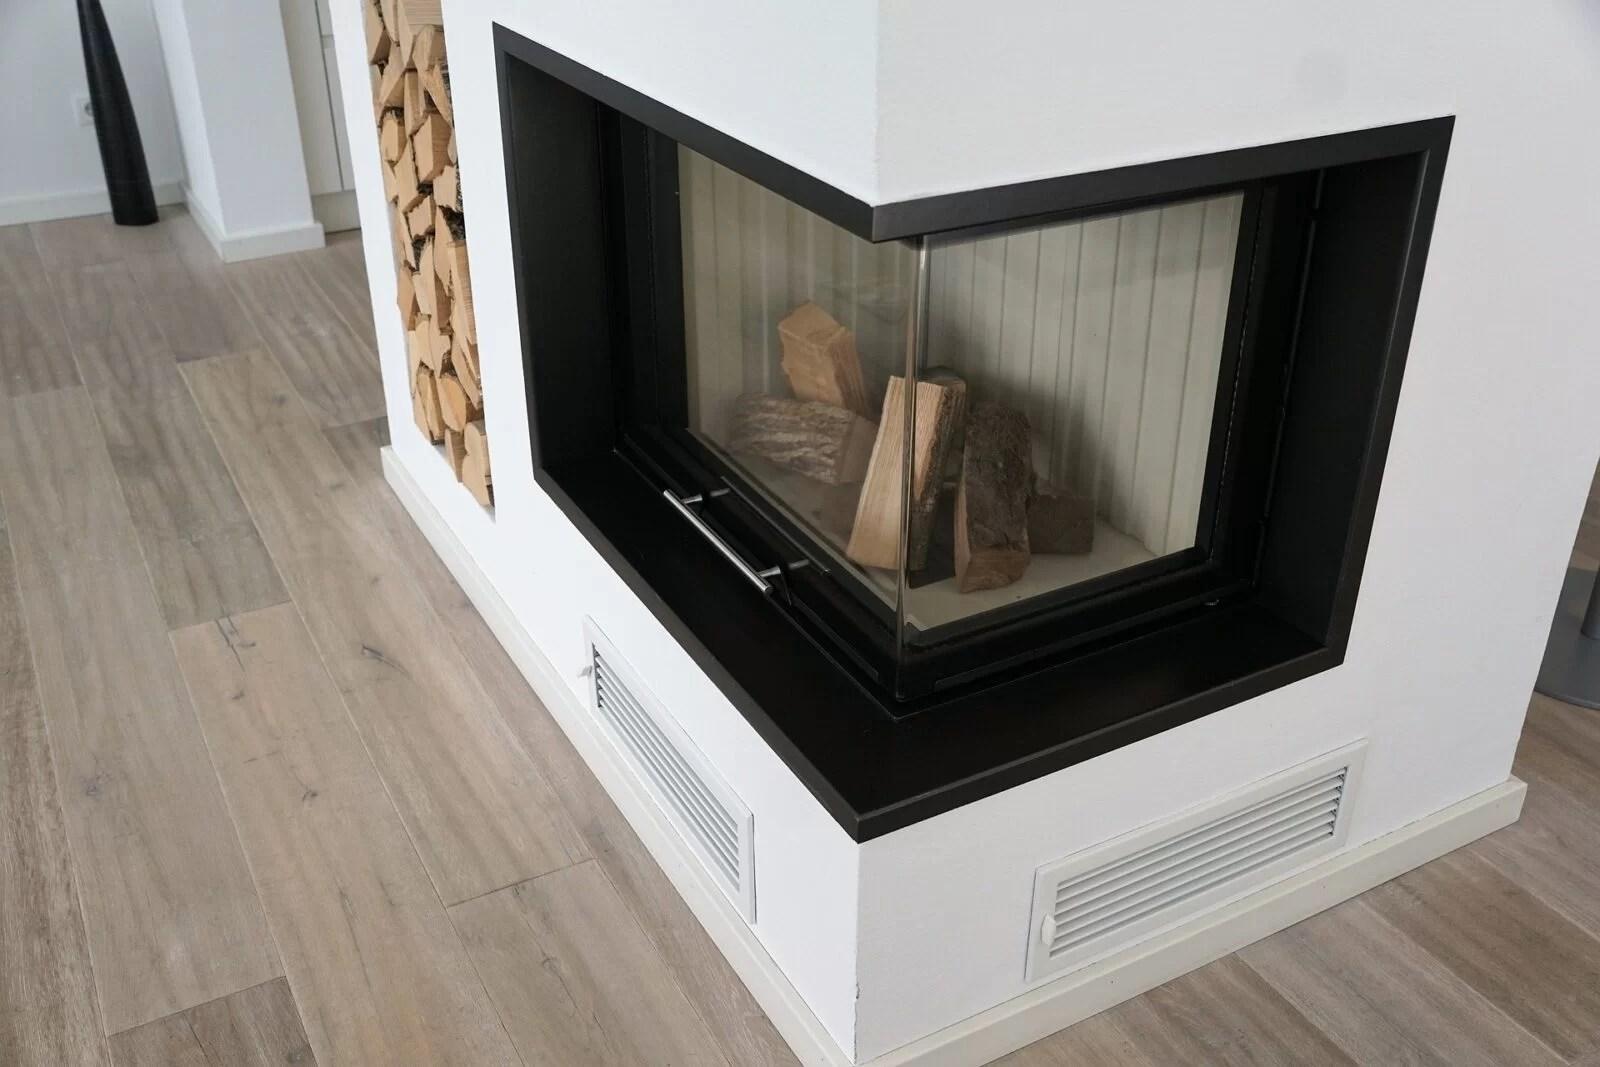 Forno A Legna Con Camino vetro ceramico per stufe a pellet, caminetti e forni a